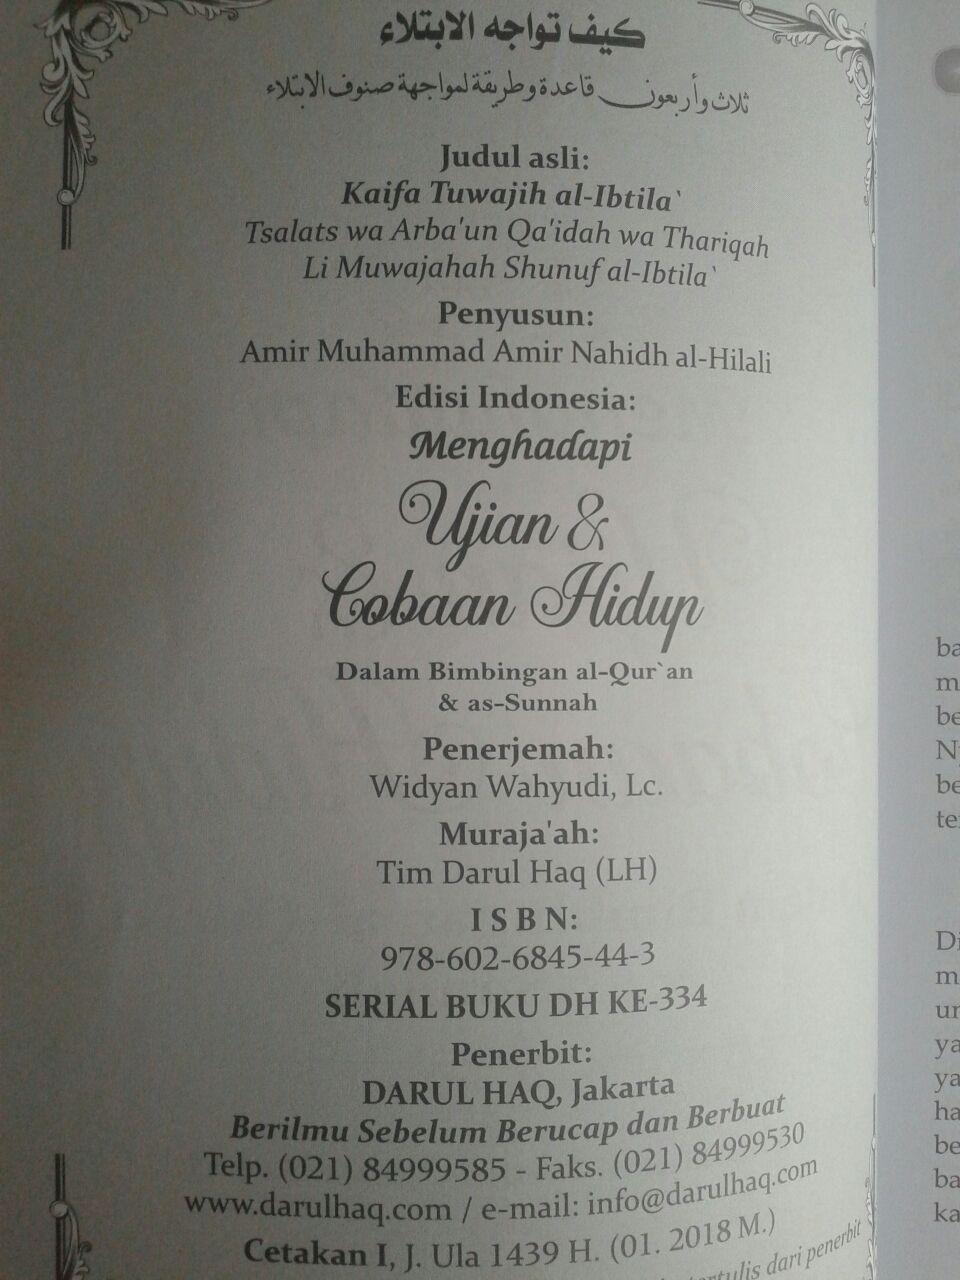 Buku Menghadapi Ujian Dan Cobaan Hidup Dalam Bimbingan Quran Sunnah isi 2